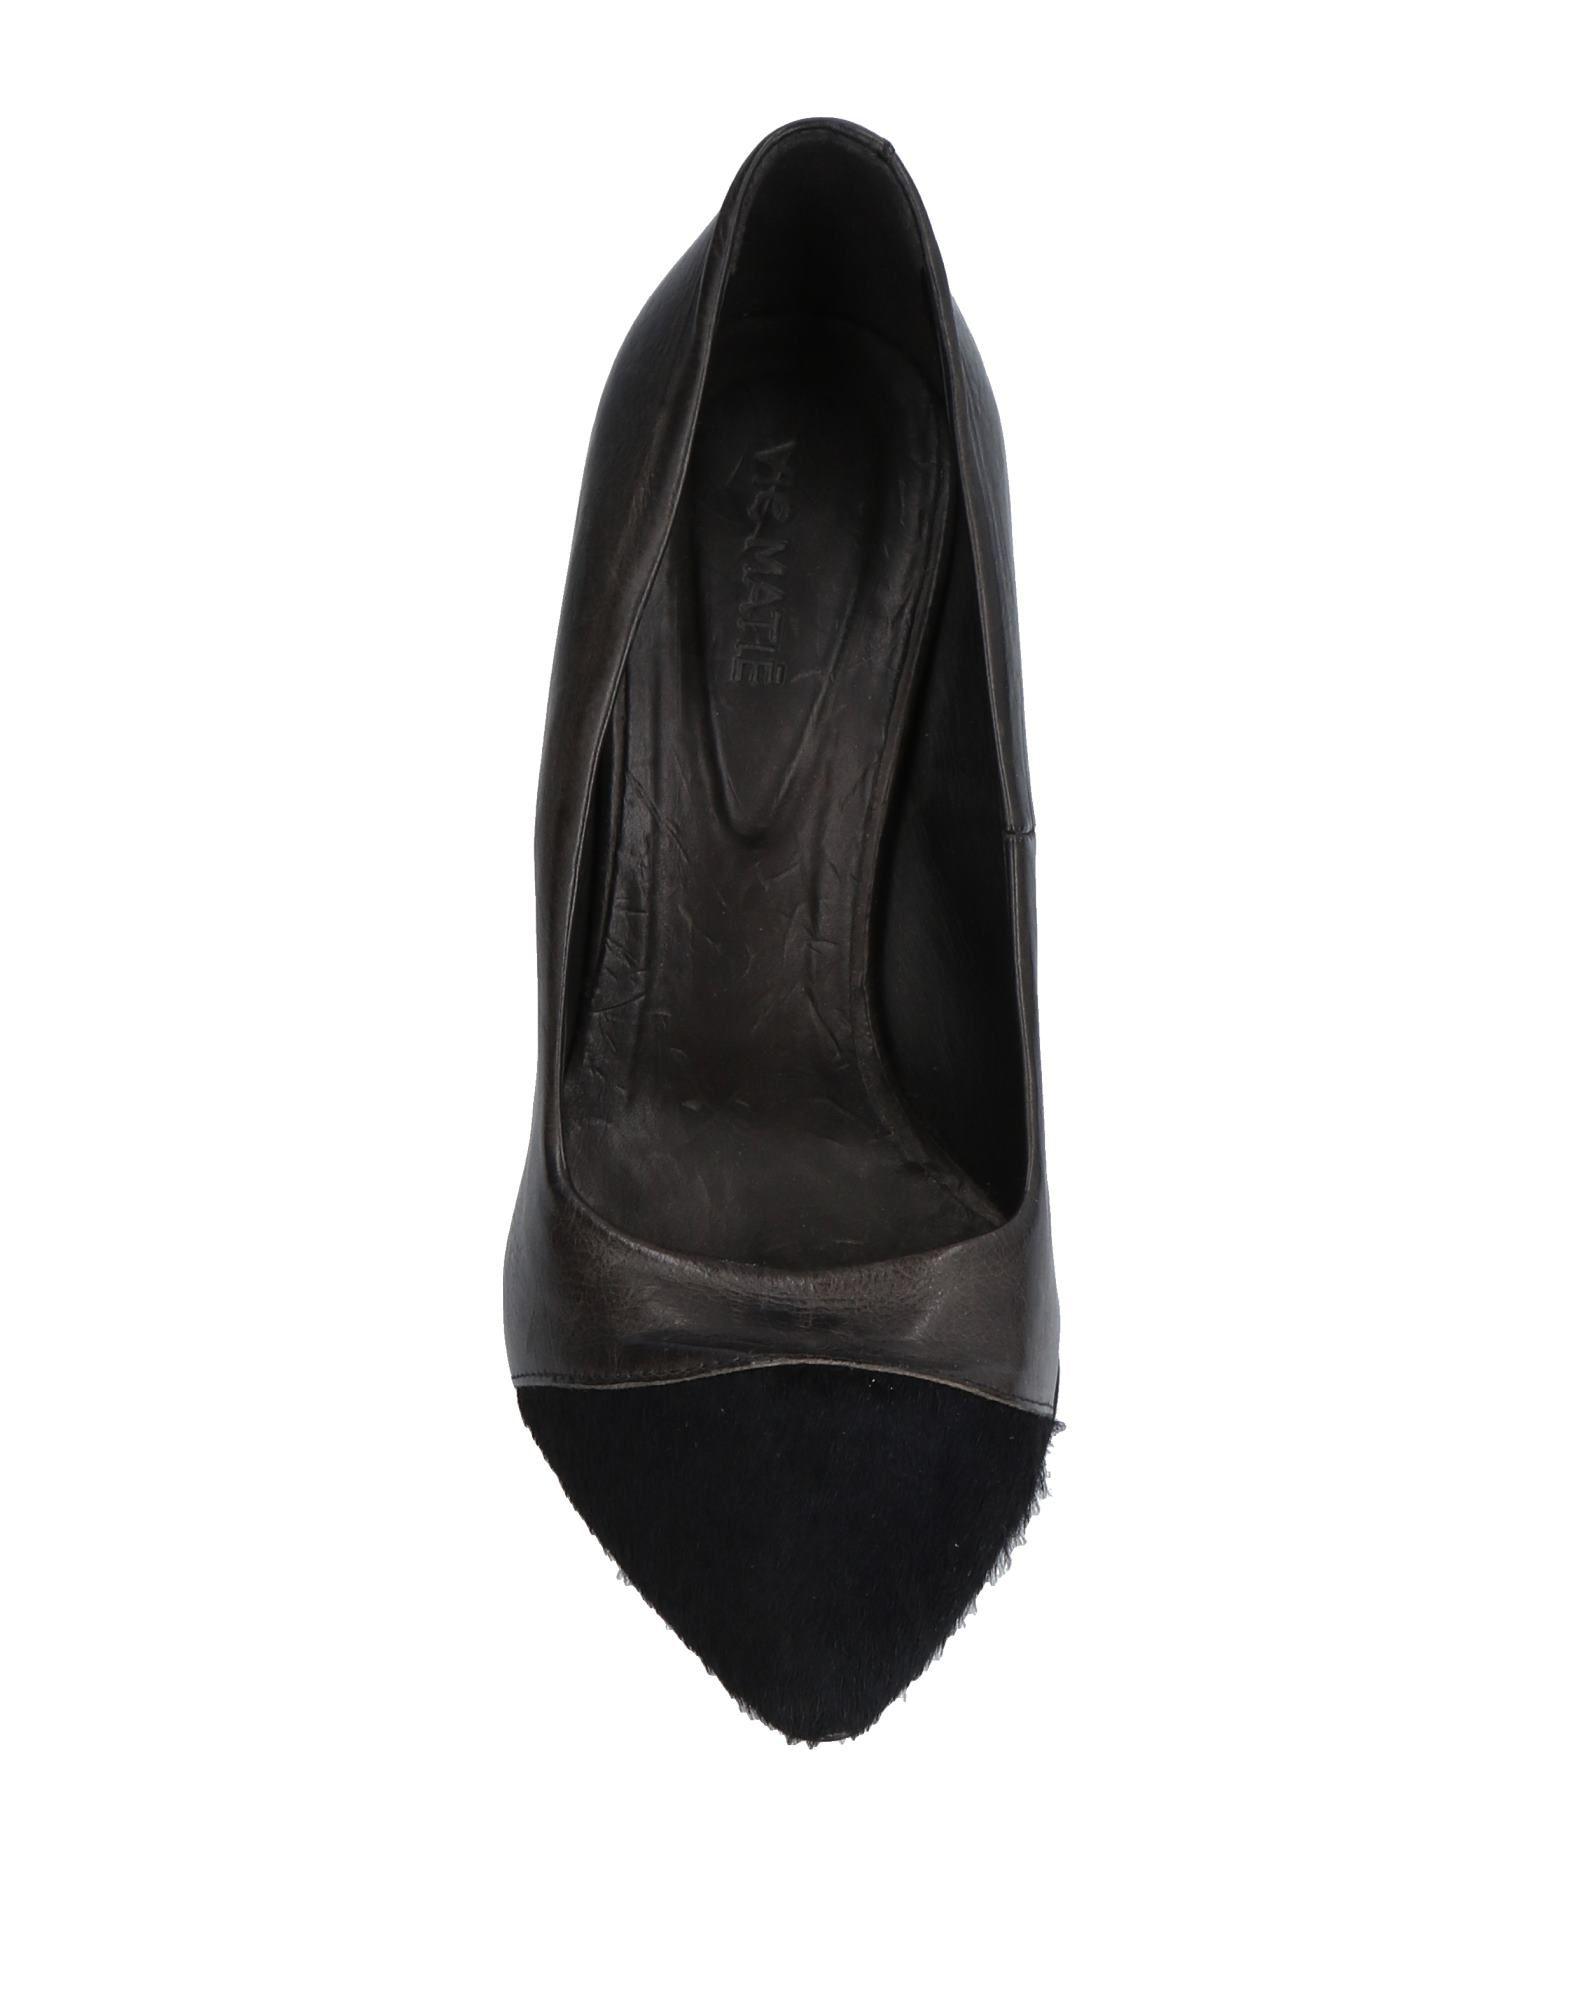 Stilvolle billige Schuhe Damen Vic Matiē Pumps Damen Schuhe  11472743VT cade90